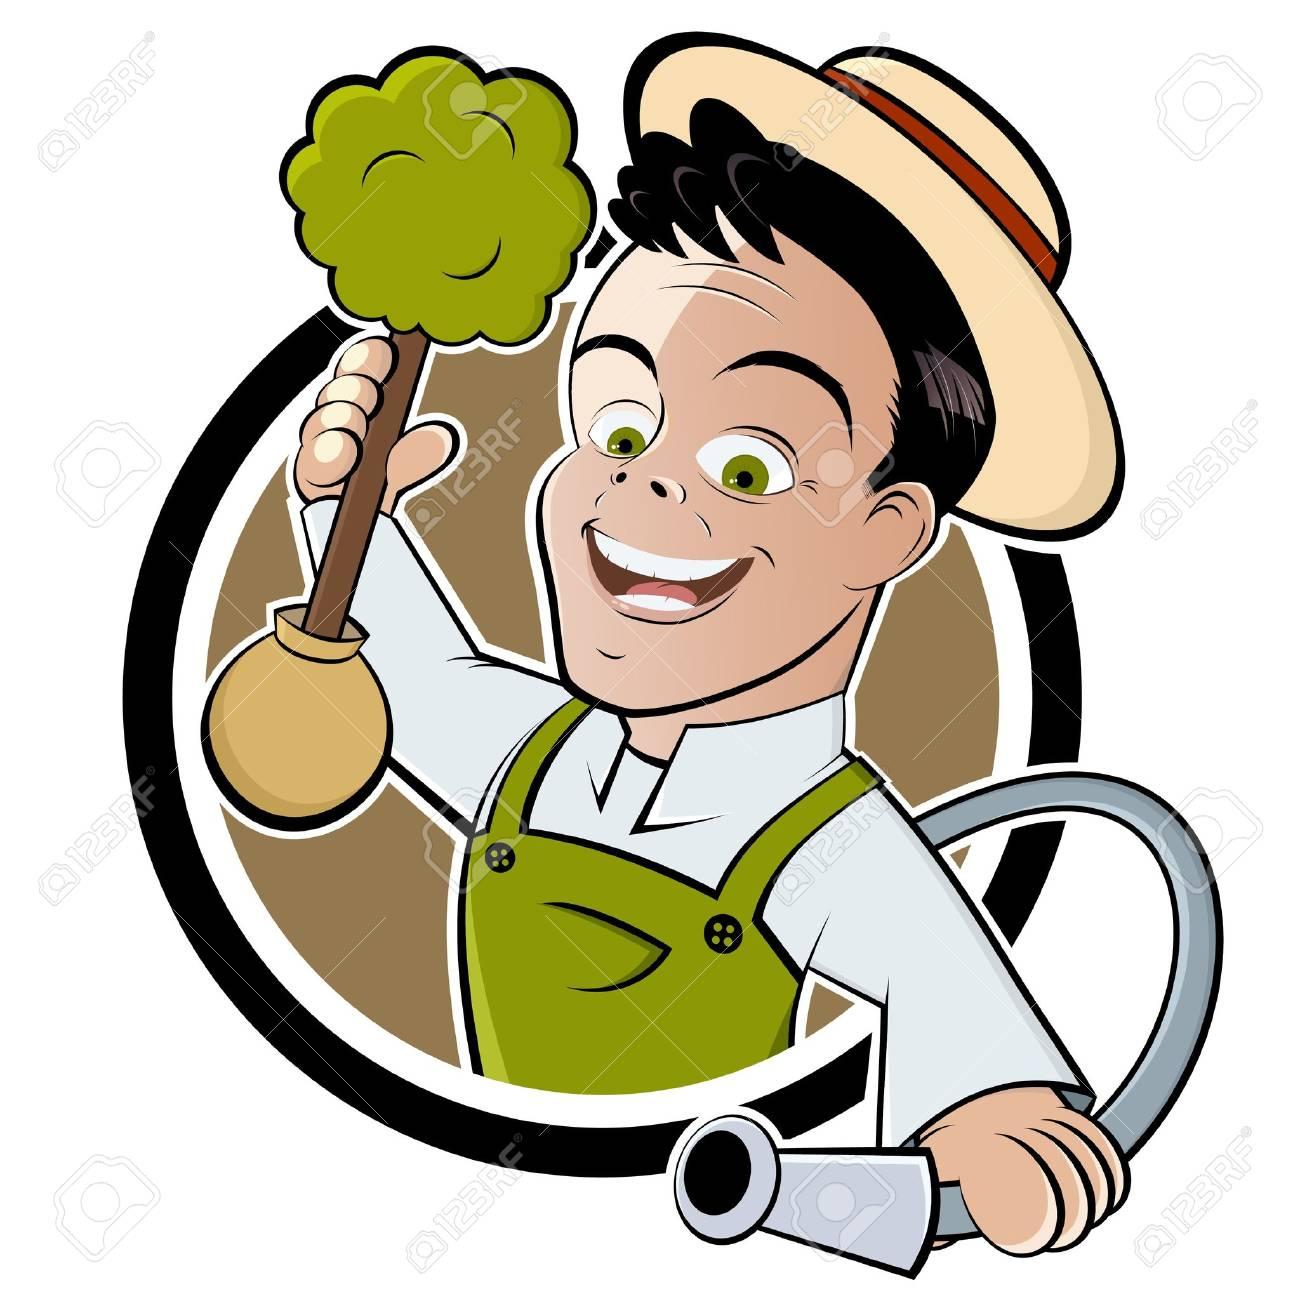 Cartoon Pics of Gardening Cartoon Gardener Happy